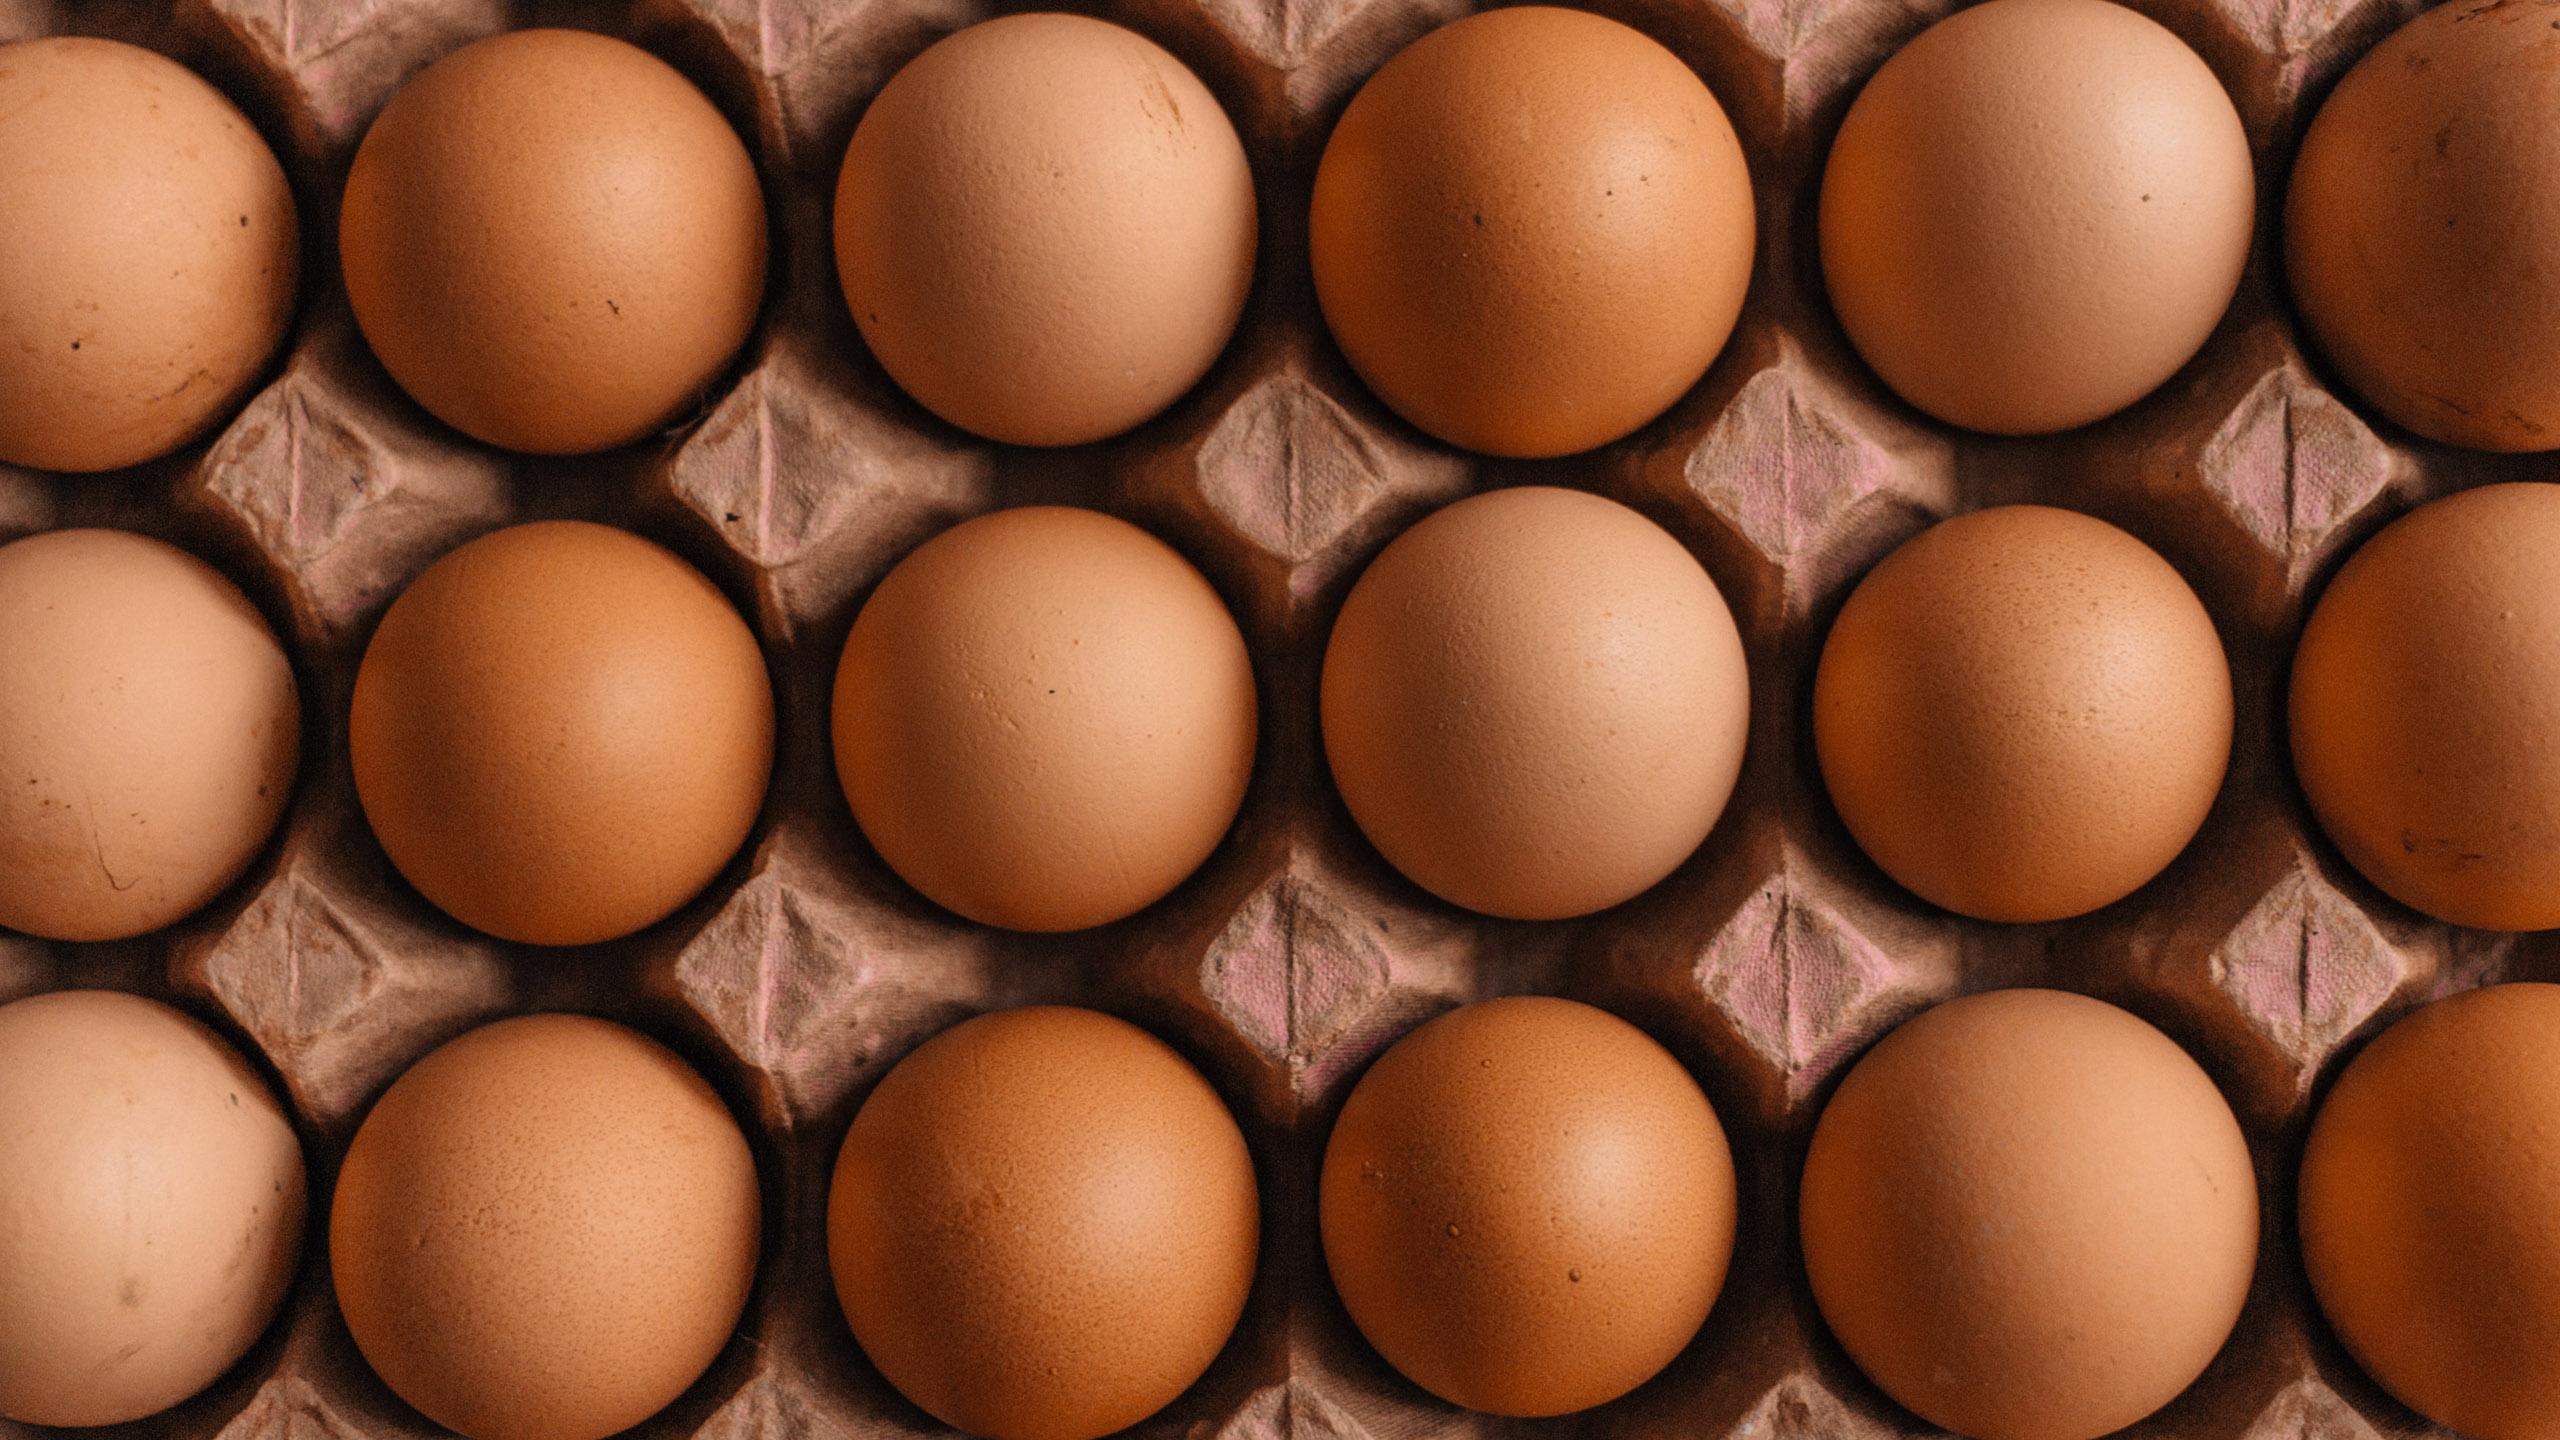 cartón de huevo, huevos, precio huevo